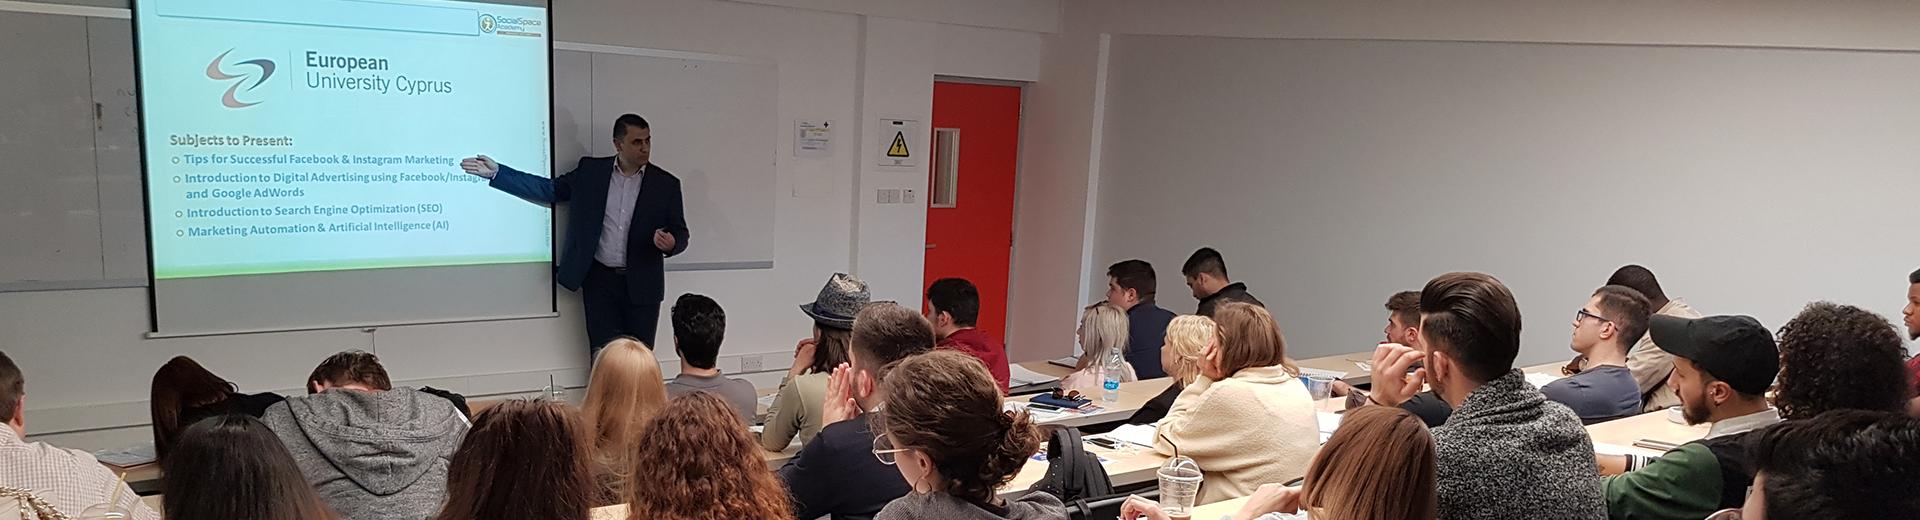 Διάλεξη στο Ευρωπαϊκό Πανεπιστήμιο με θέμα το Digital Marketing!